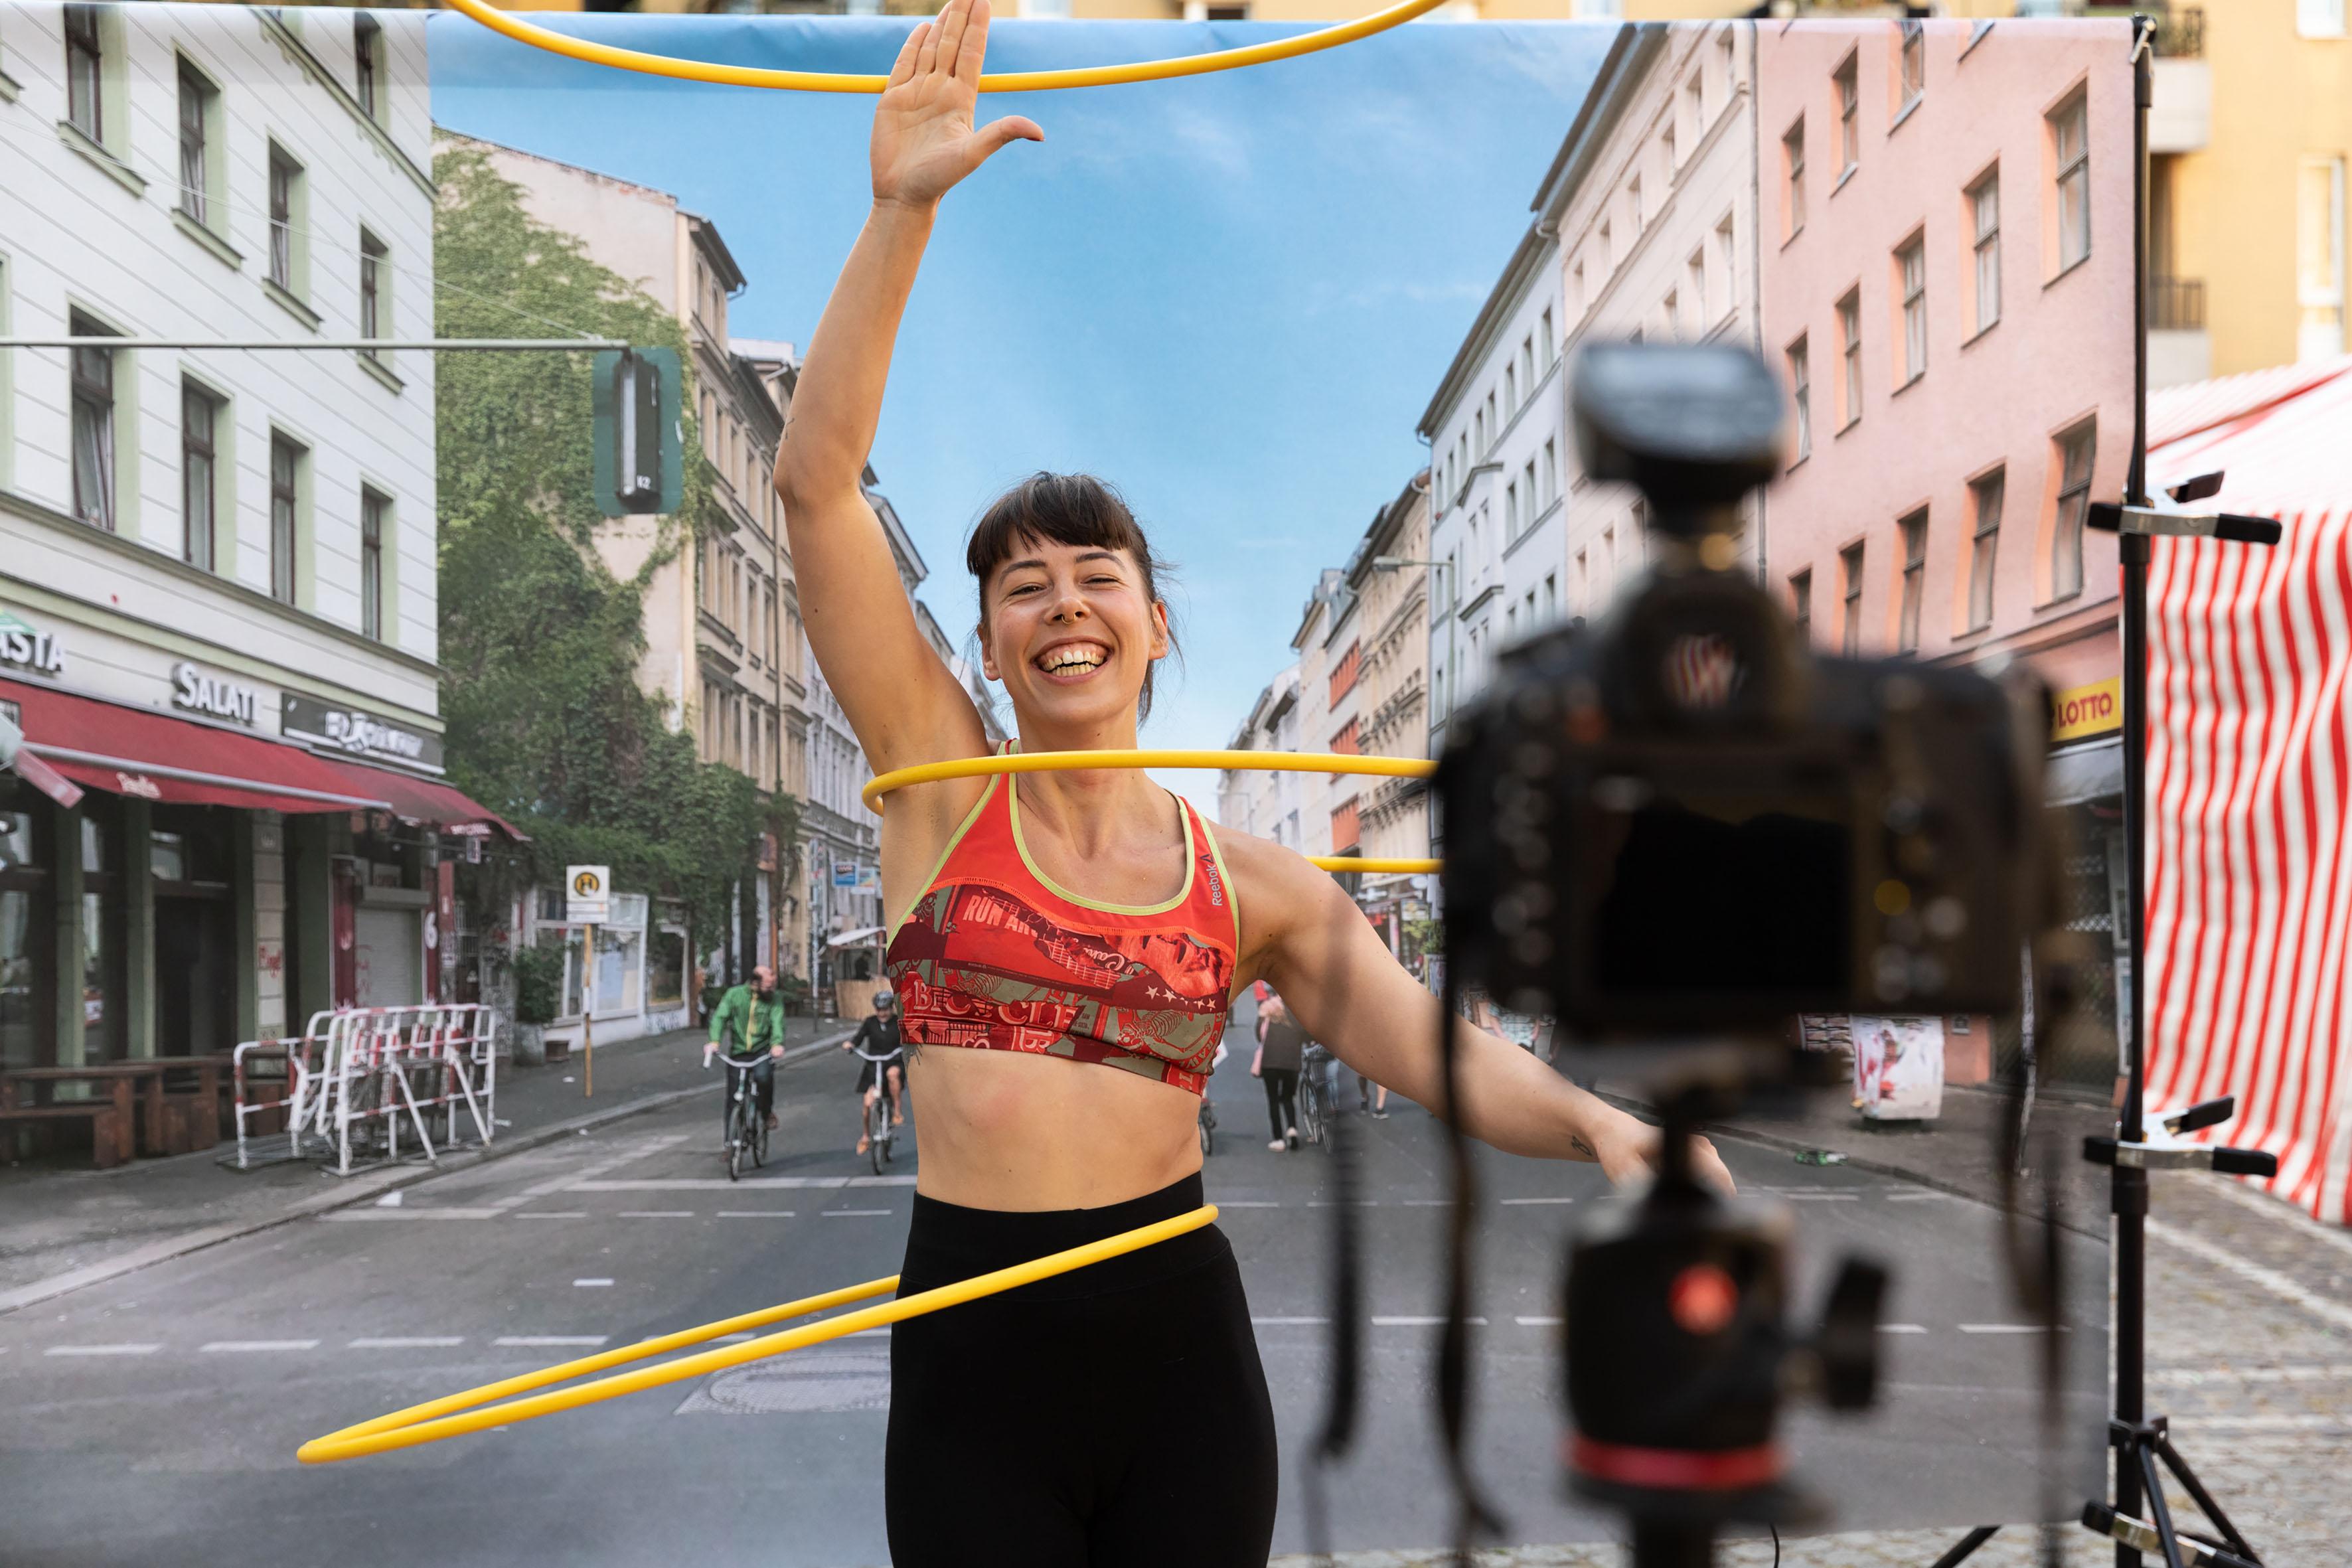 Junge Frau tanzt mit drei Hoola-Hoop-Reifen und lacht dabei.